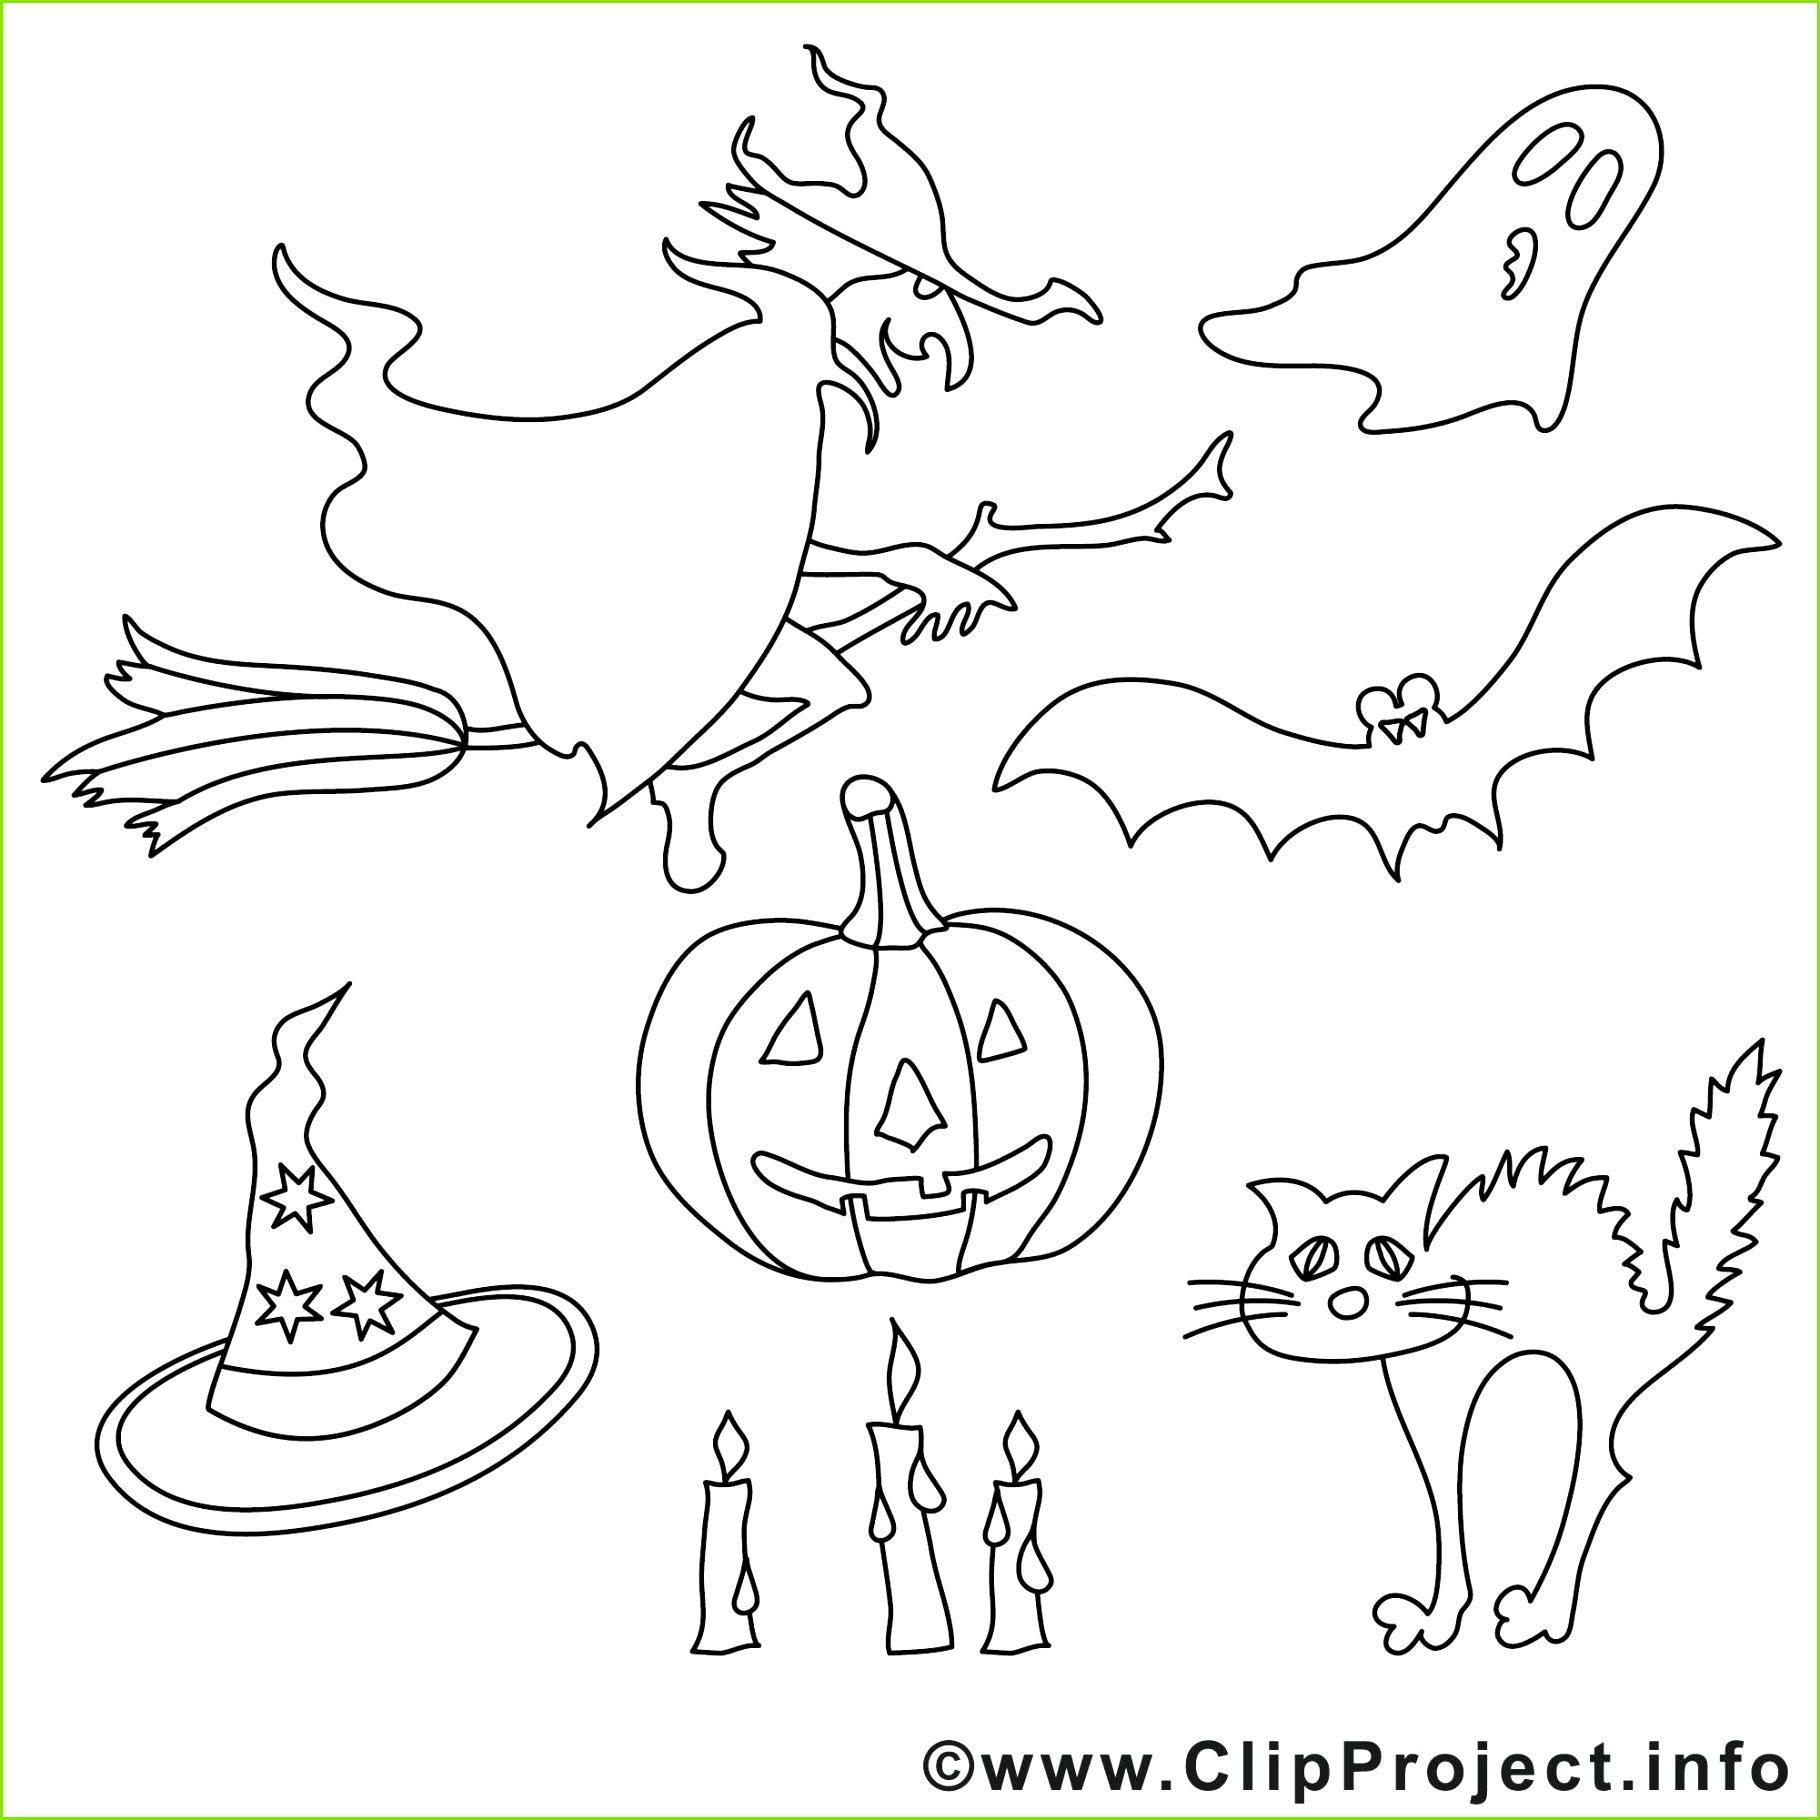 Halloween Bastelvorlagen Zum Ausdrucken Nett Mumie Gesicht Malvorlagen Zeitgenössisch Malvorlagen Von Halloween Bastelvorlagen Zum Ausdrucken